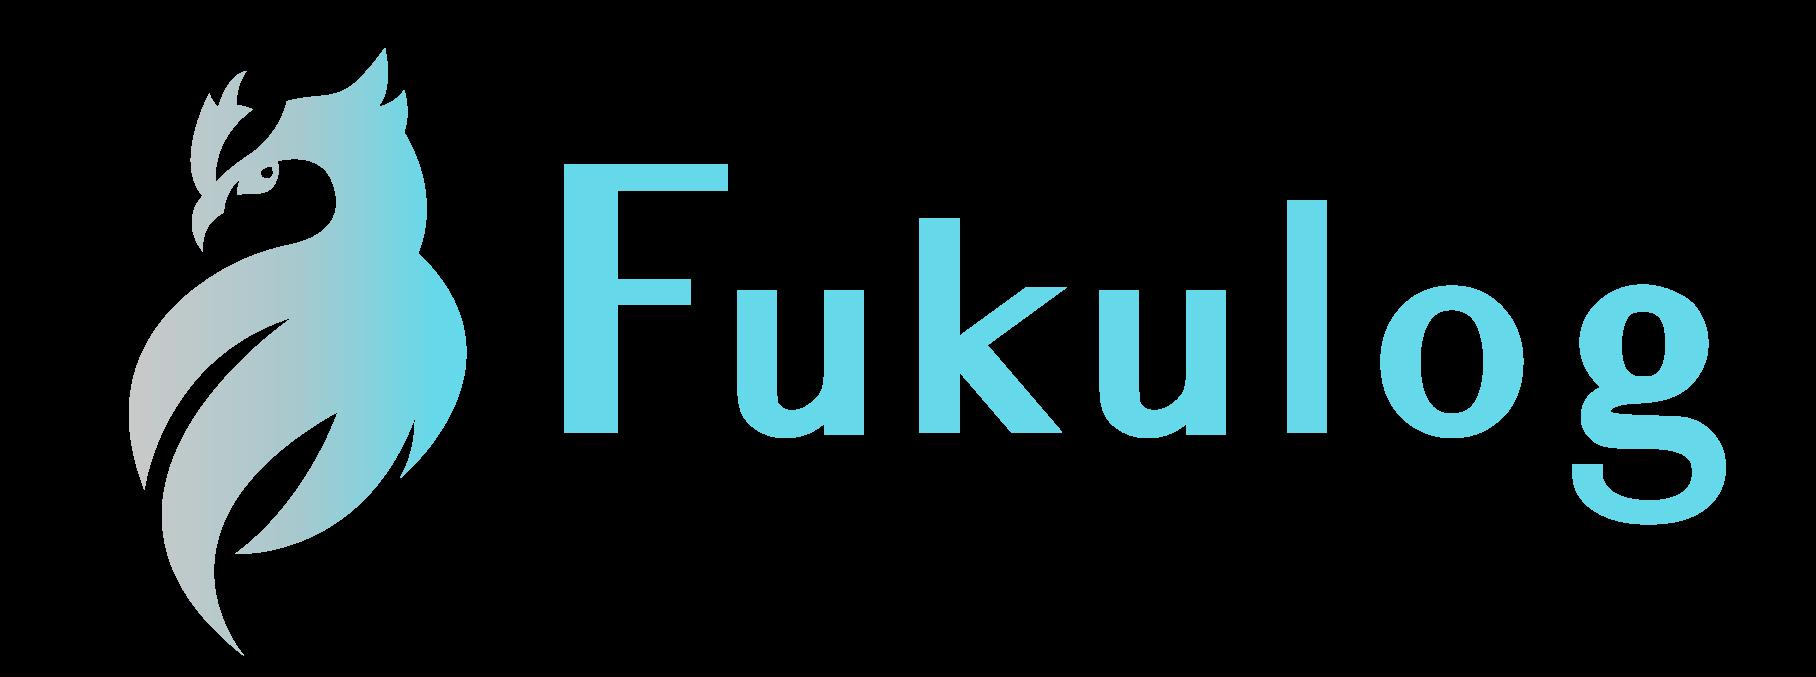 Fukulog